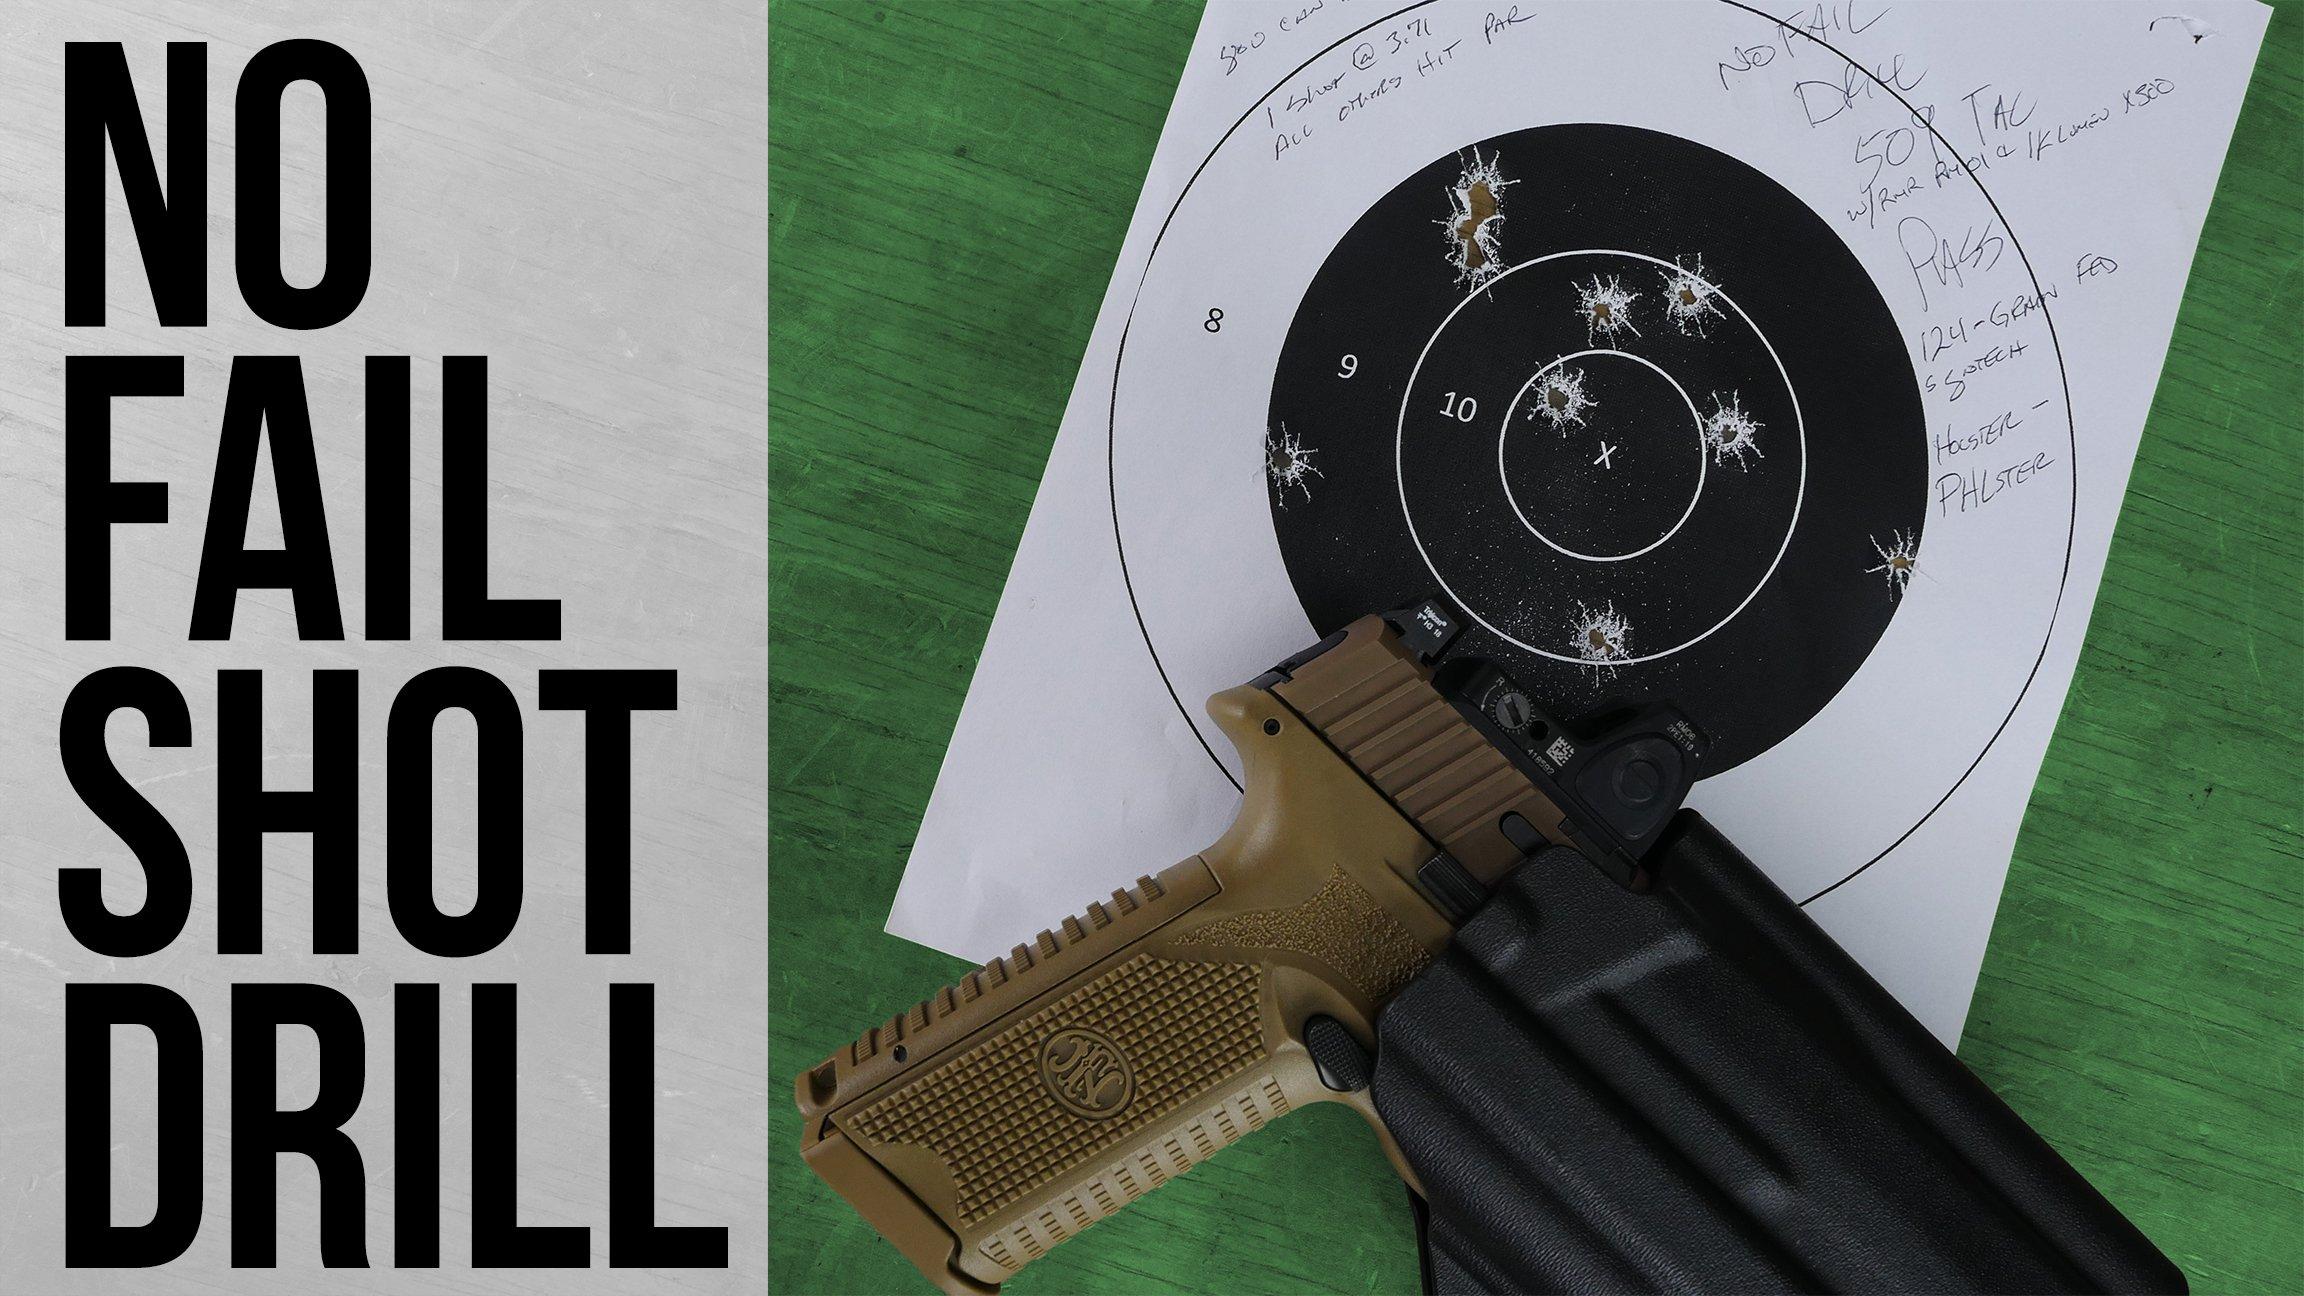 No Fail Shot Drill Cover